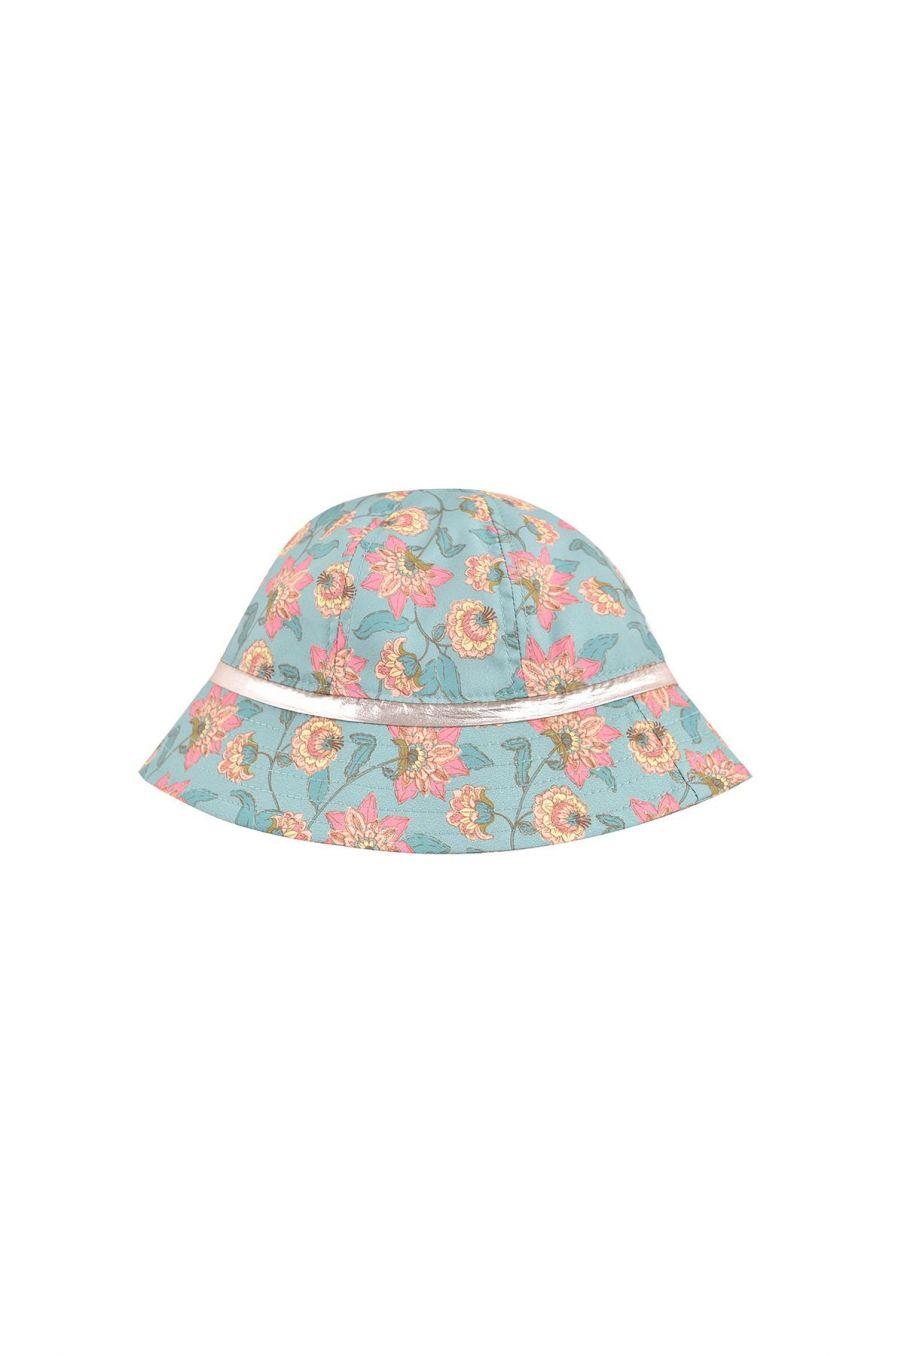 boheme chic vintage chapeau bébé fille granima turquoise flowers